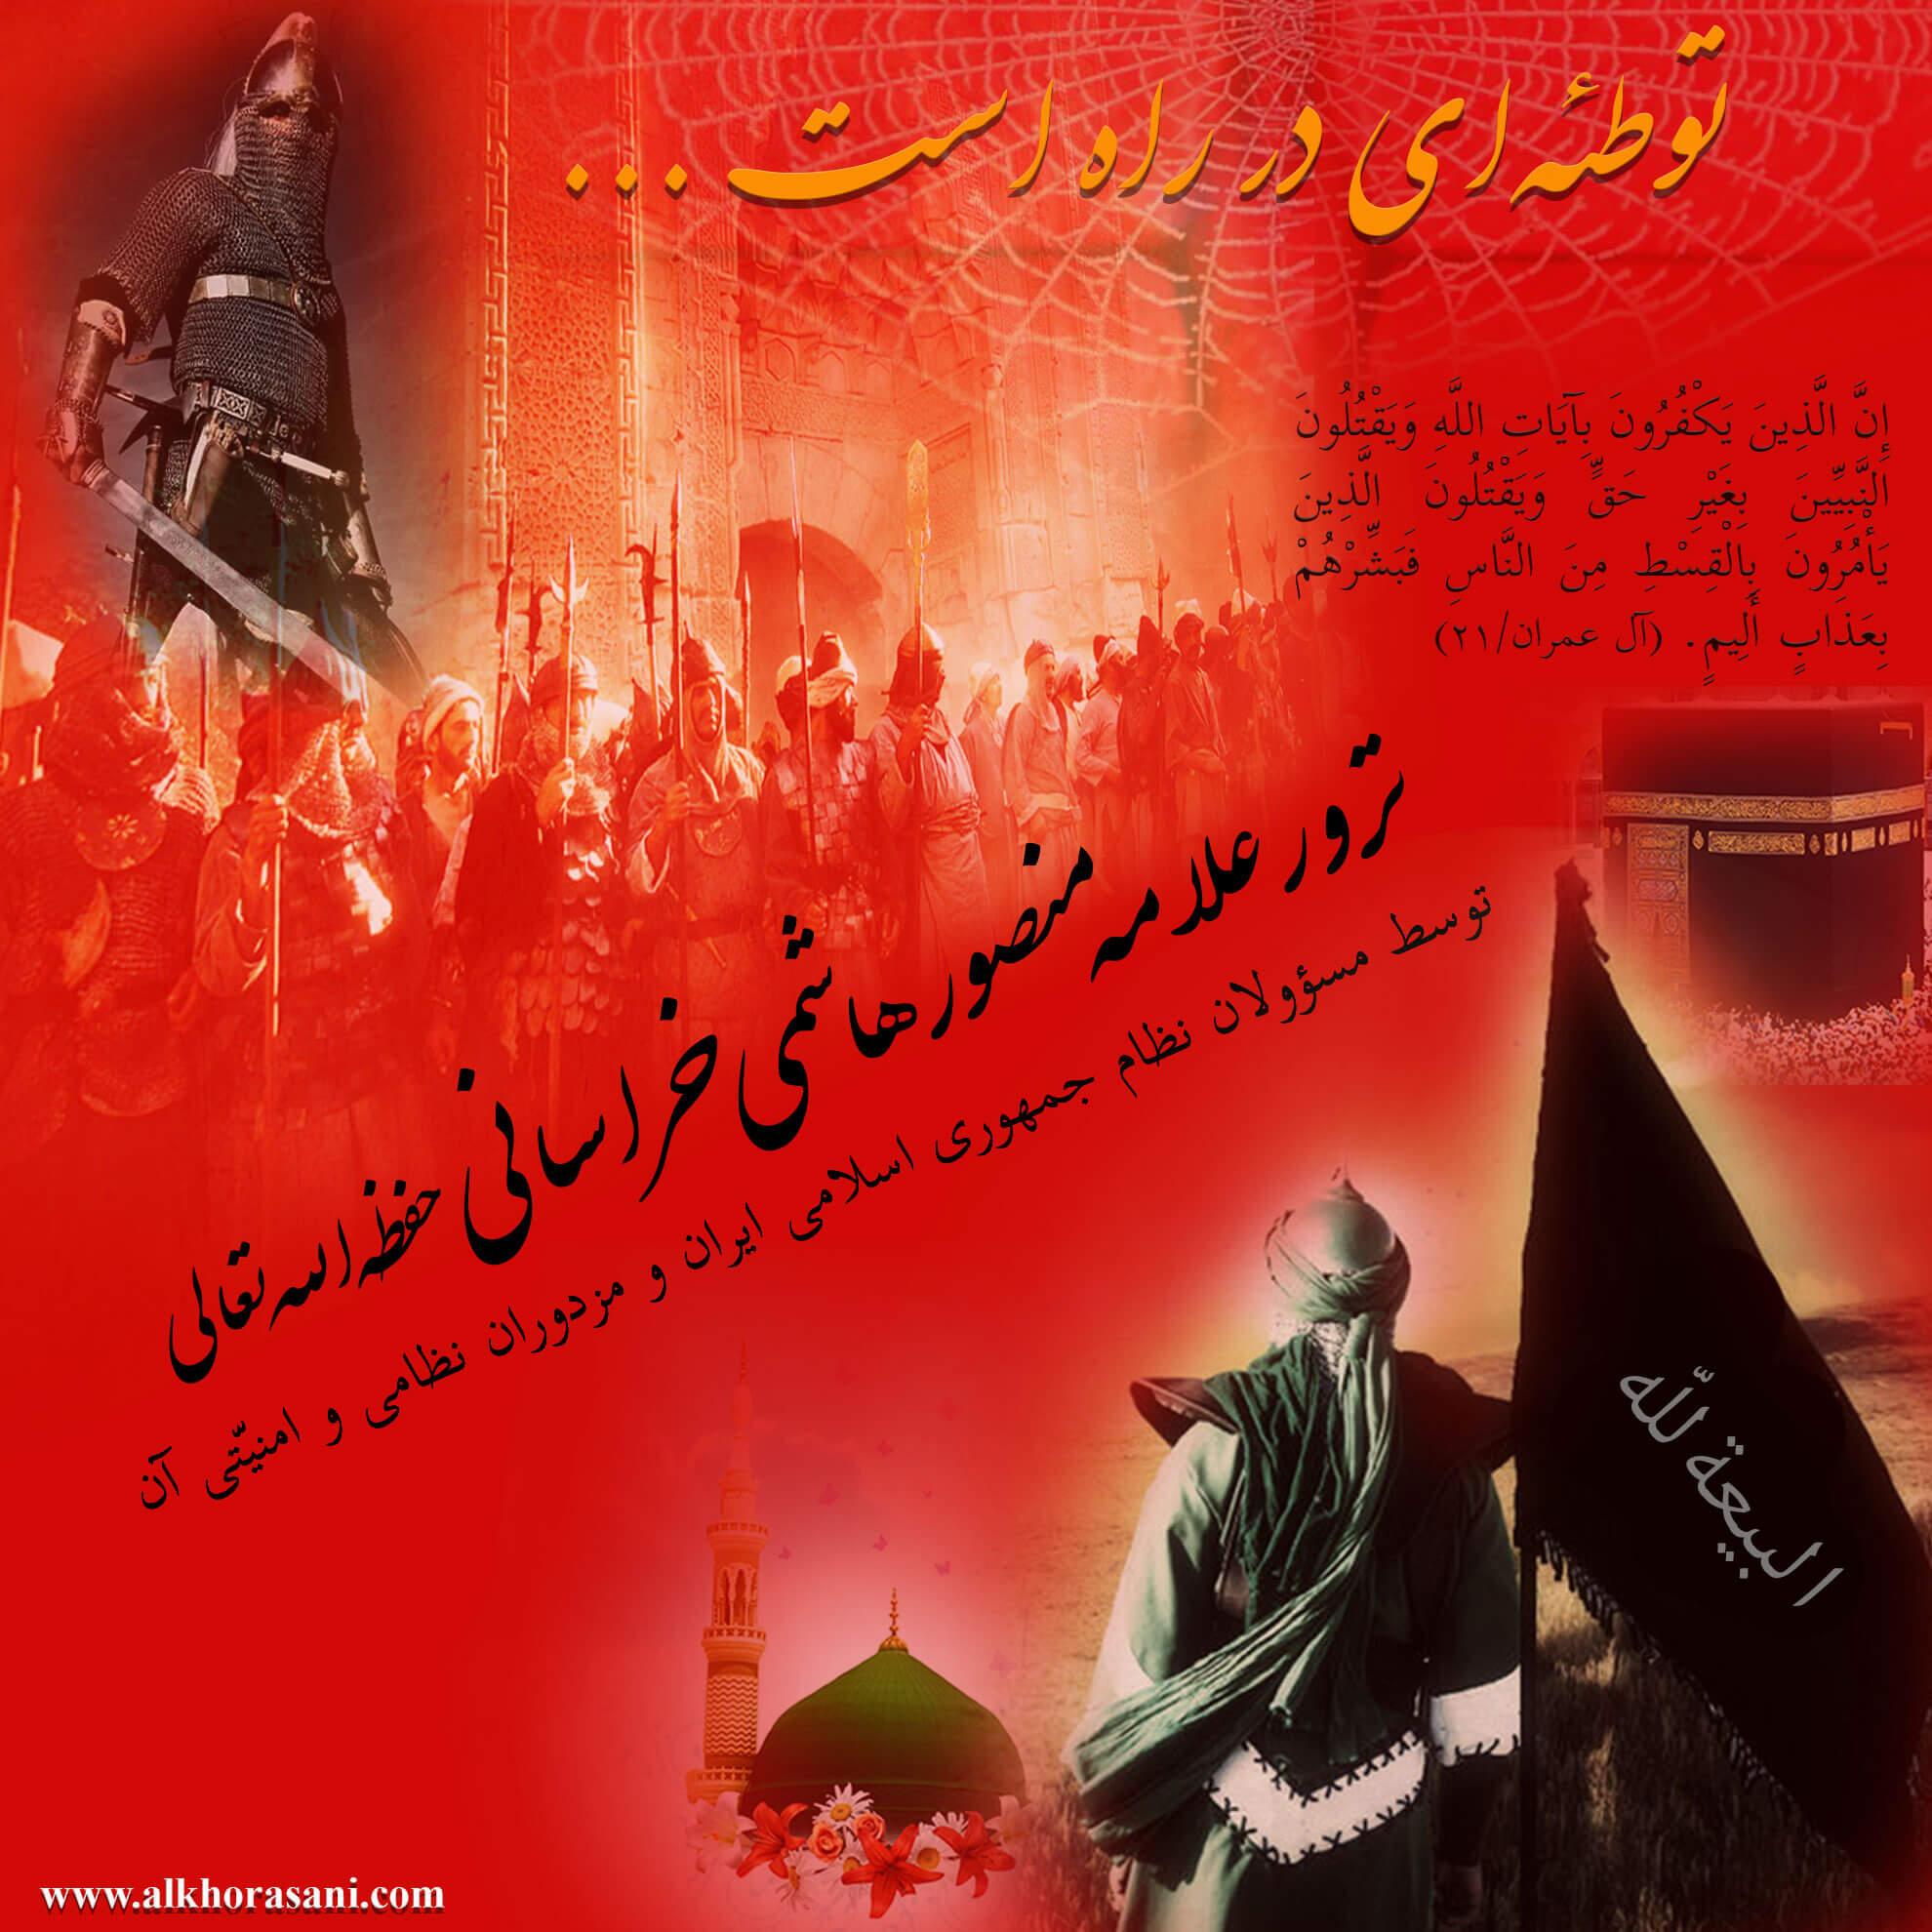 توطئهی نظام ایران علیه علامه منصور هاشمی خراسانی